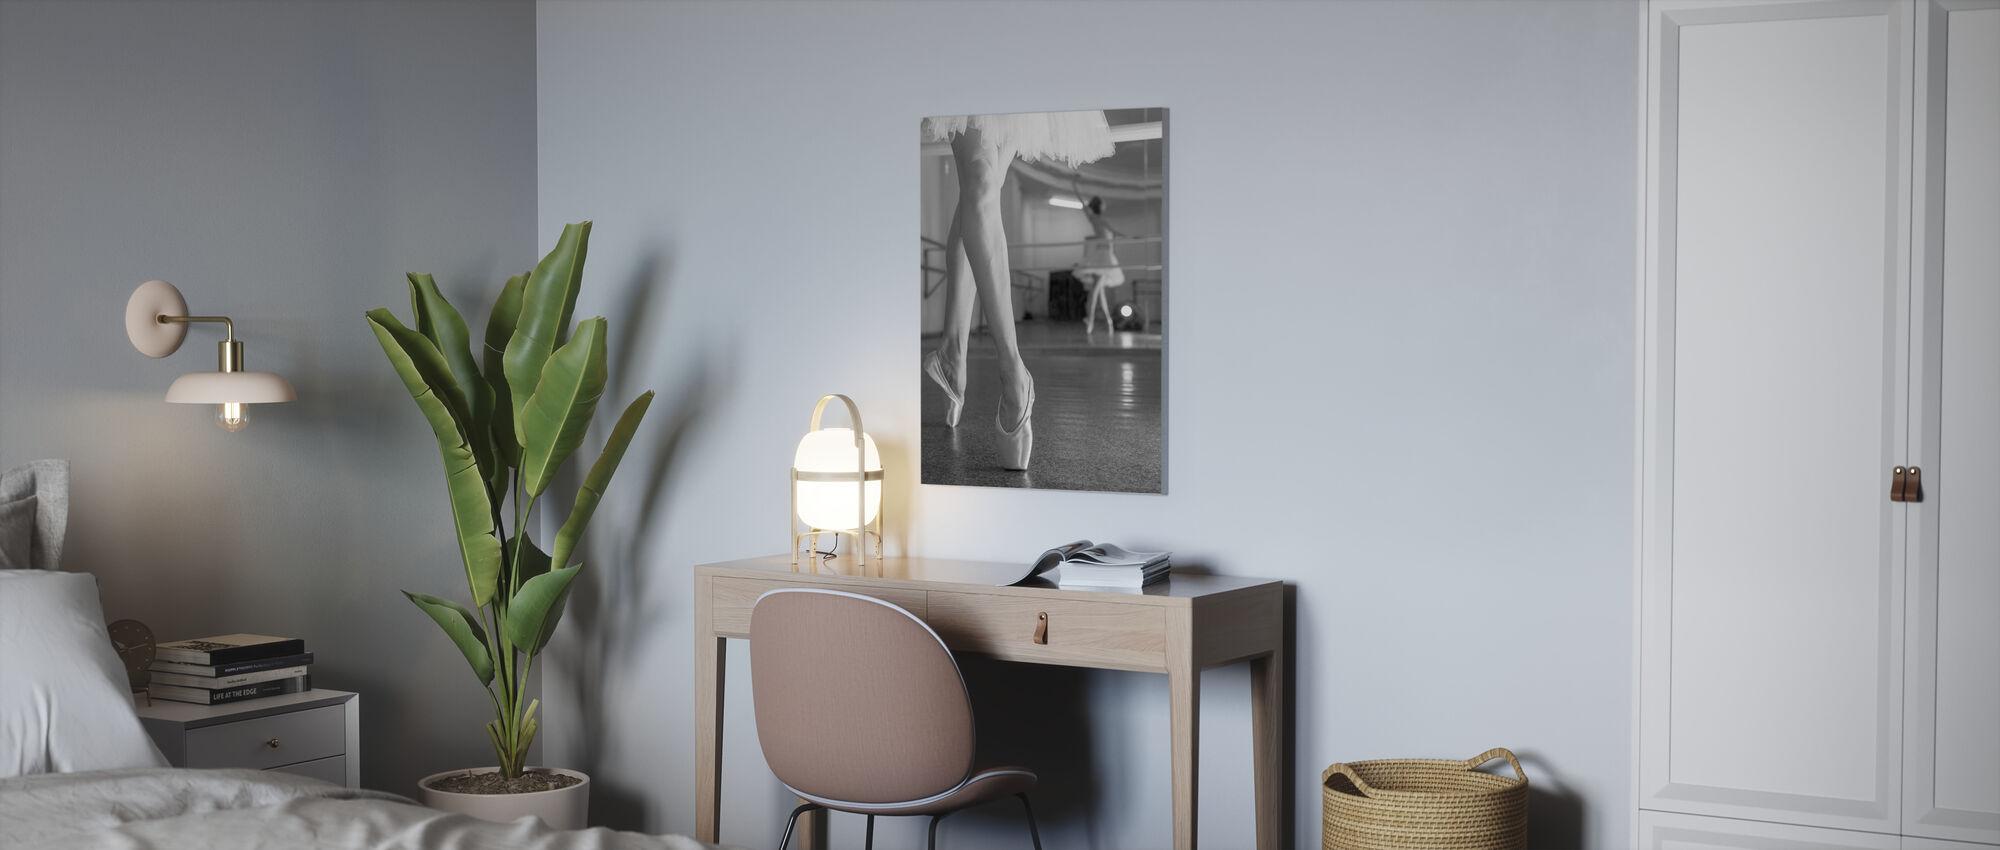 Prima Ballerina, sort og hvid - Lerretsbilde - Kontor